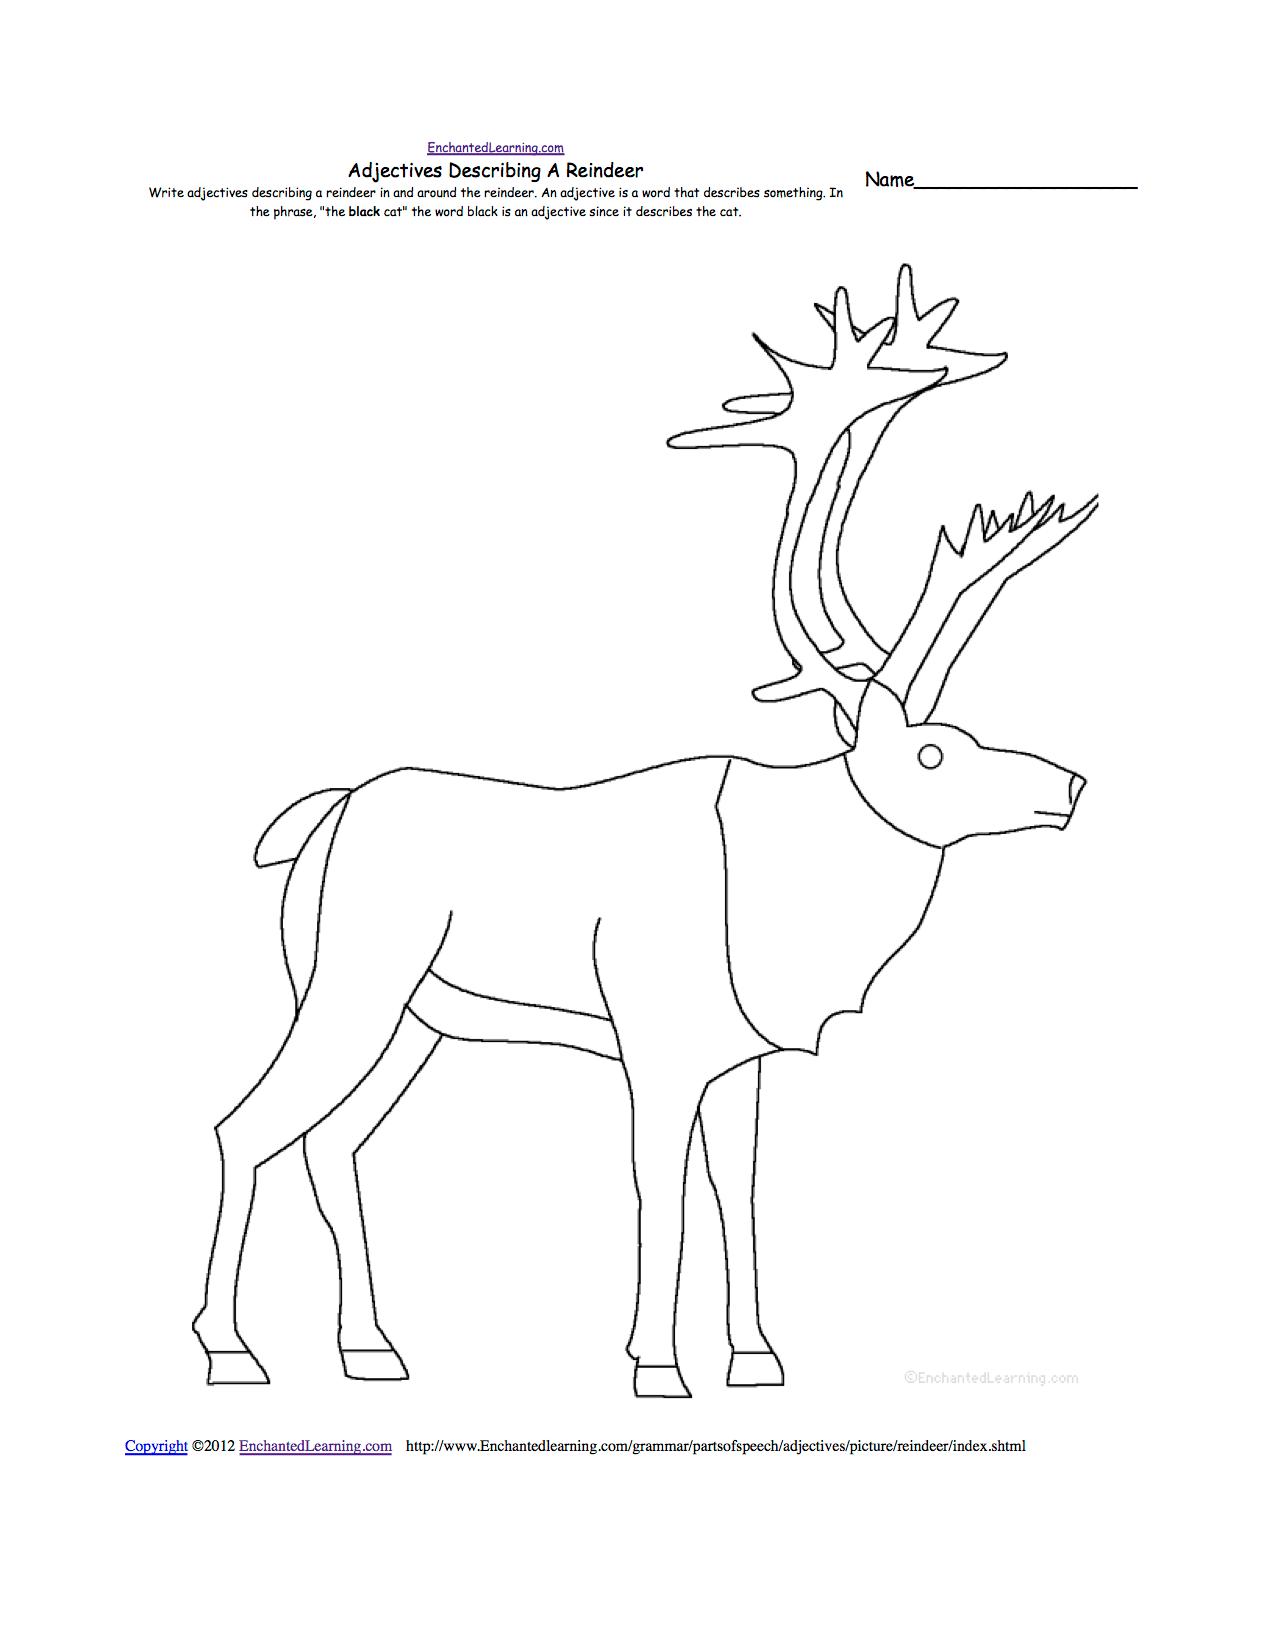 Reindeer At Enchantedlearning